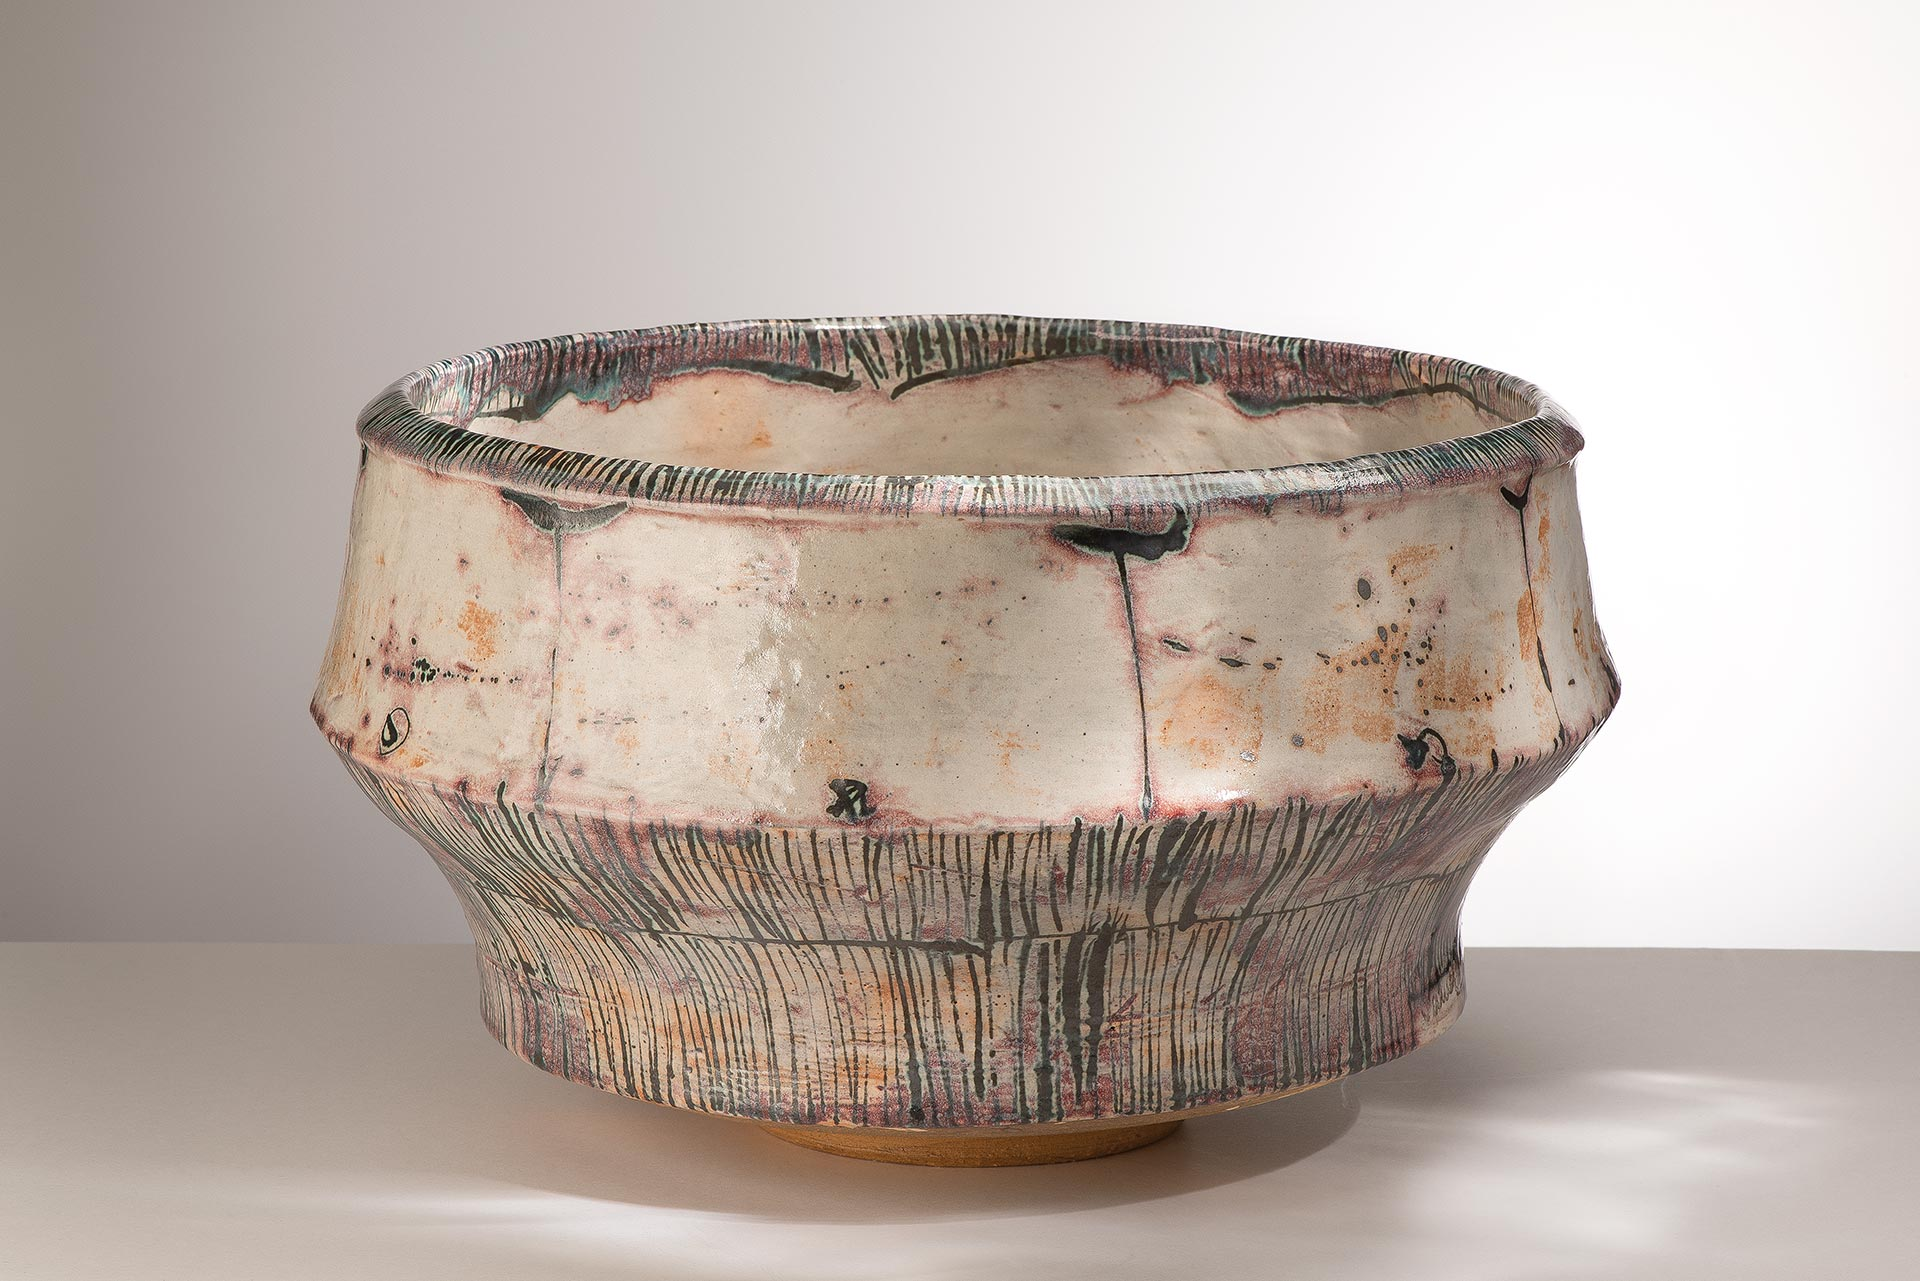 Céramique de Catherine Vanier – Grand bol 2015